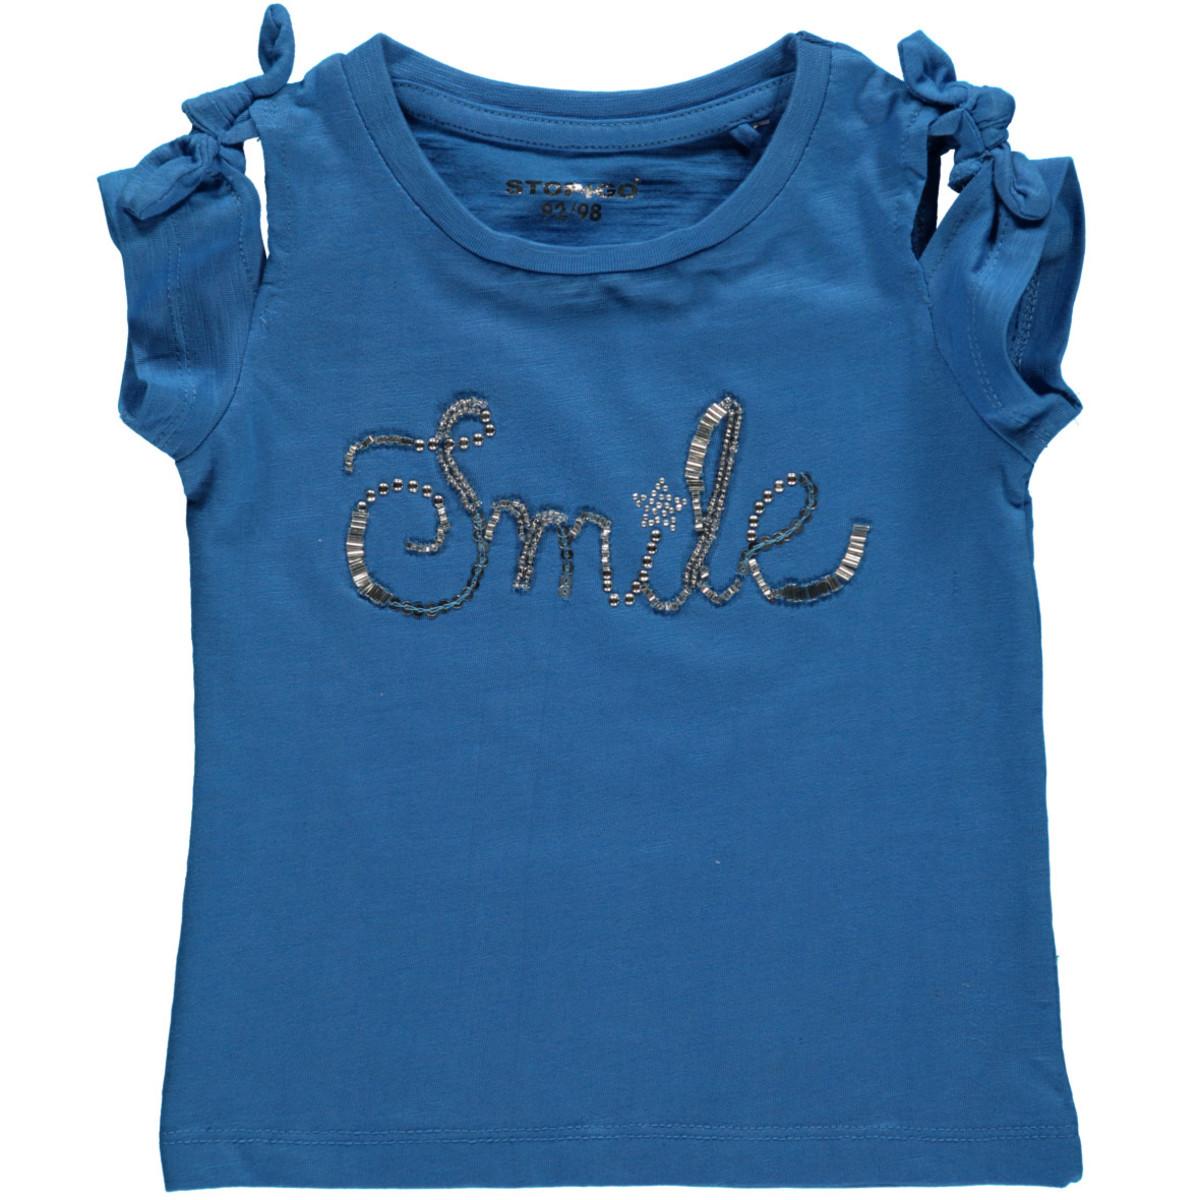 Bild 1 von Mädchen Shirt mit Perlen, Pailletten und Nieten